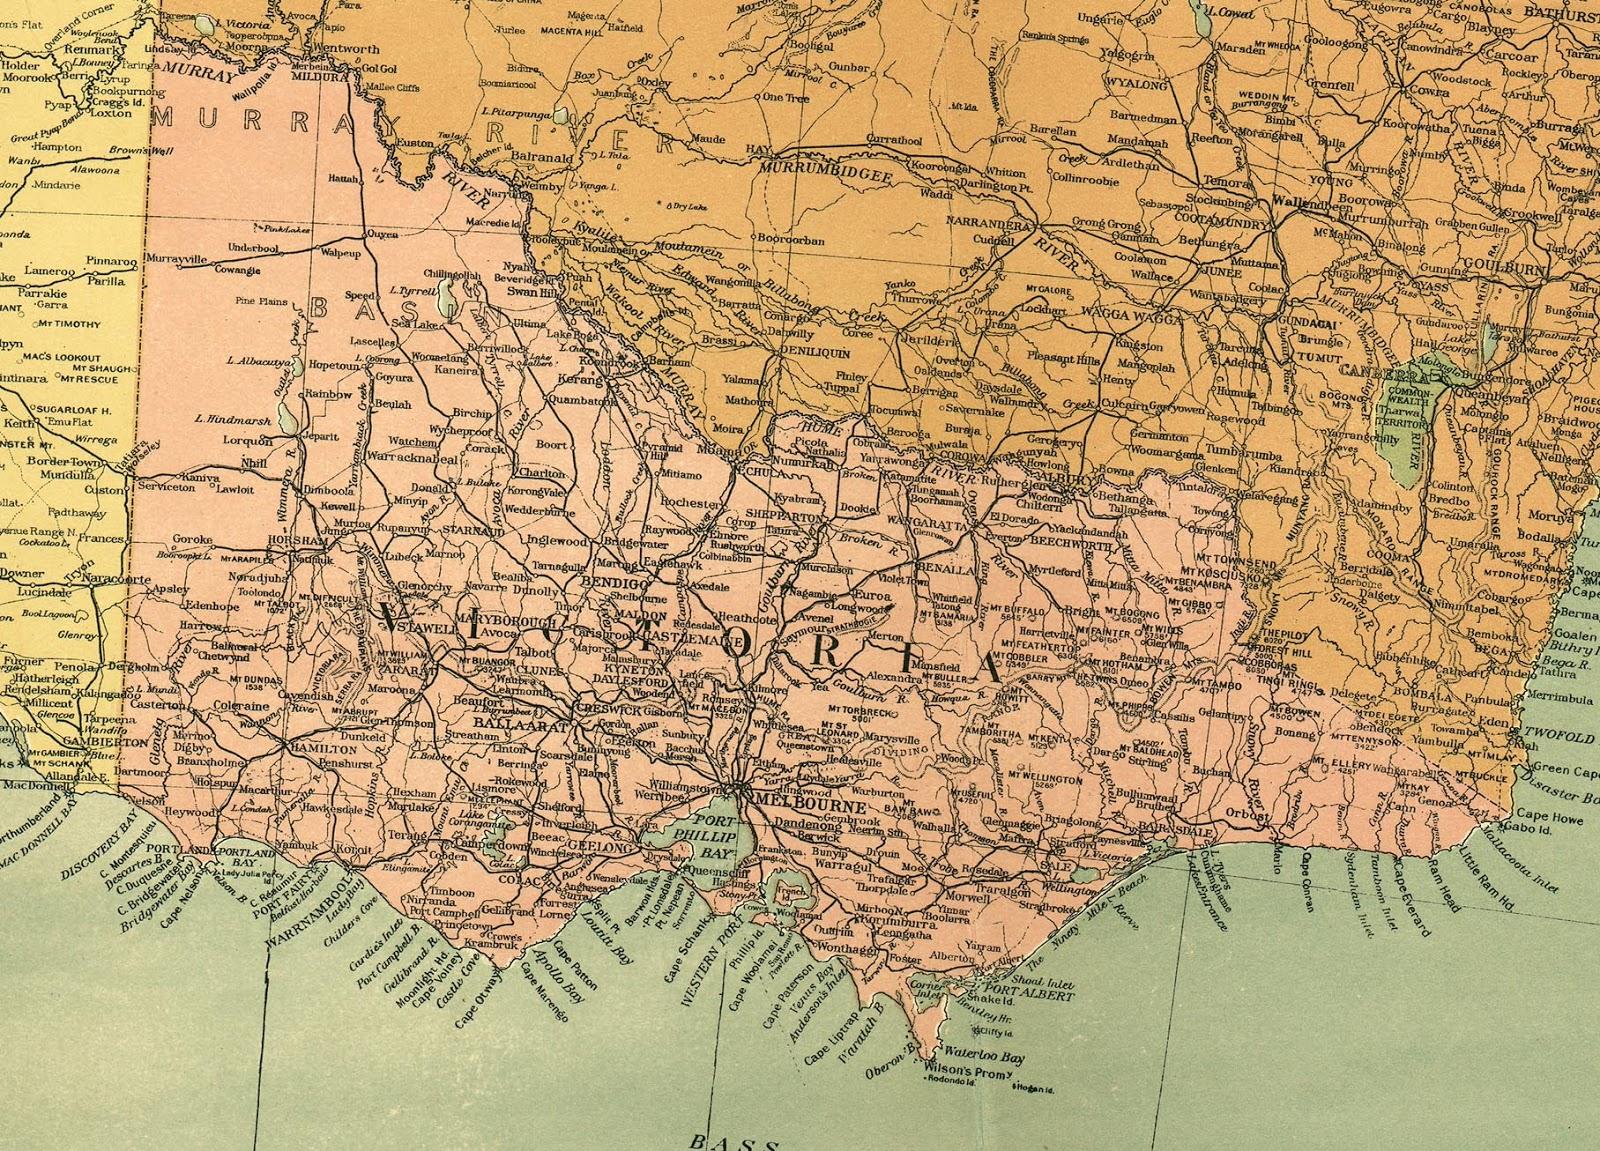 Big Blue 1840-1940: Victoria